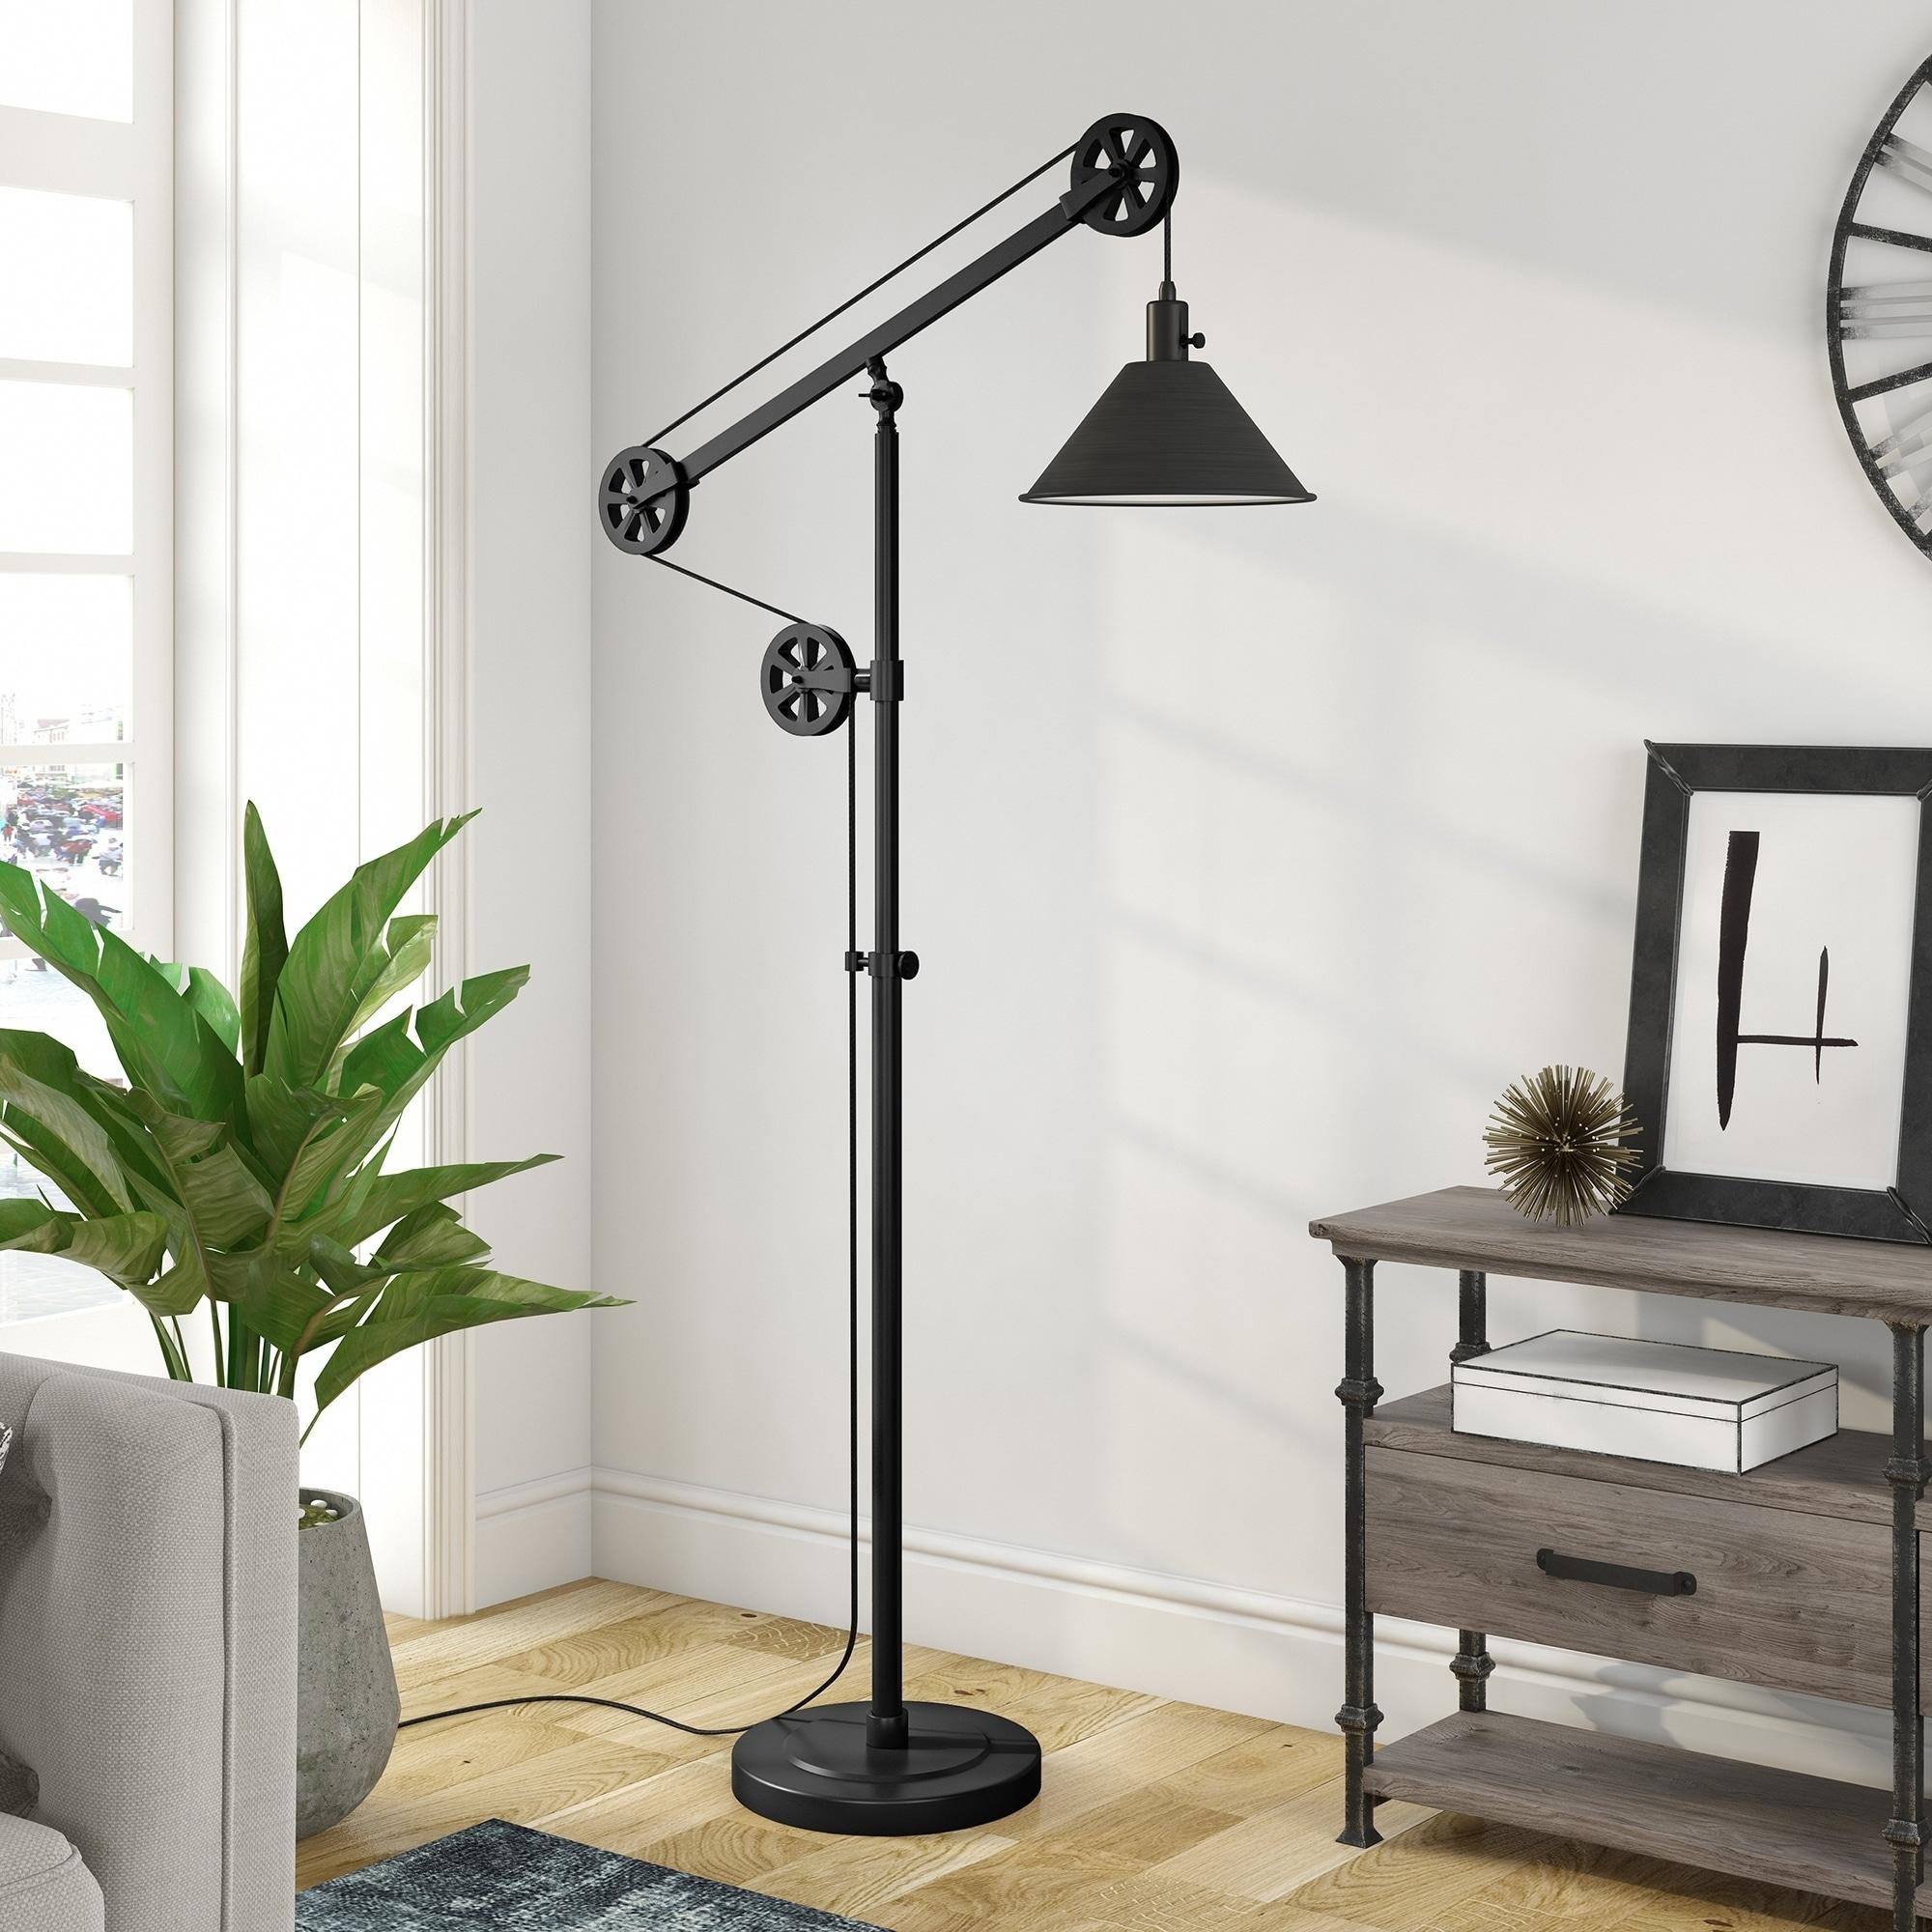 Buy Brown Floor Lamps Online At Overstock Our Best Lighting Deals